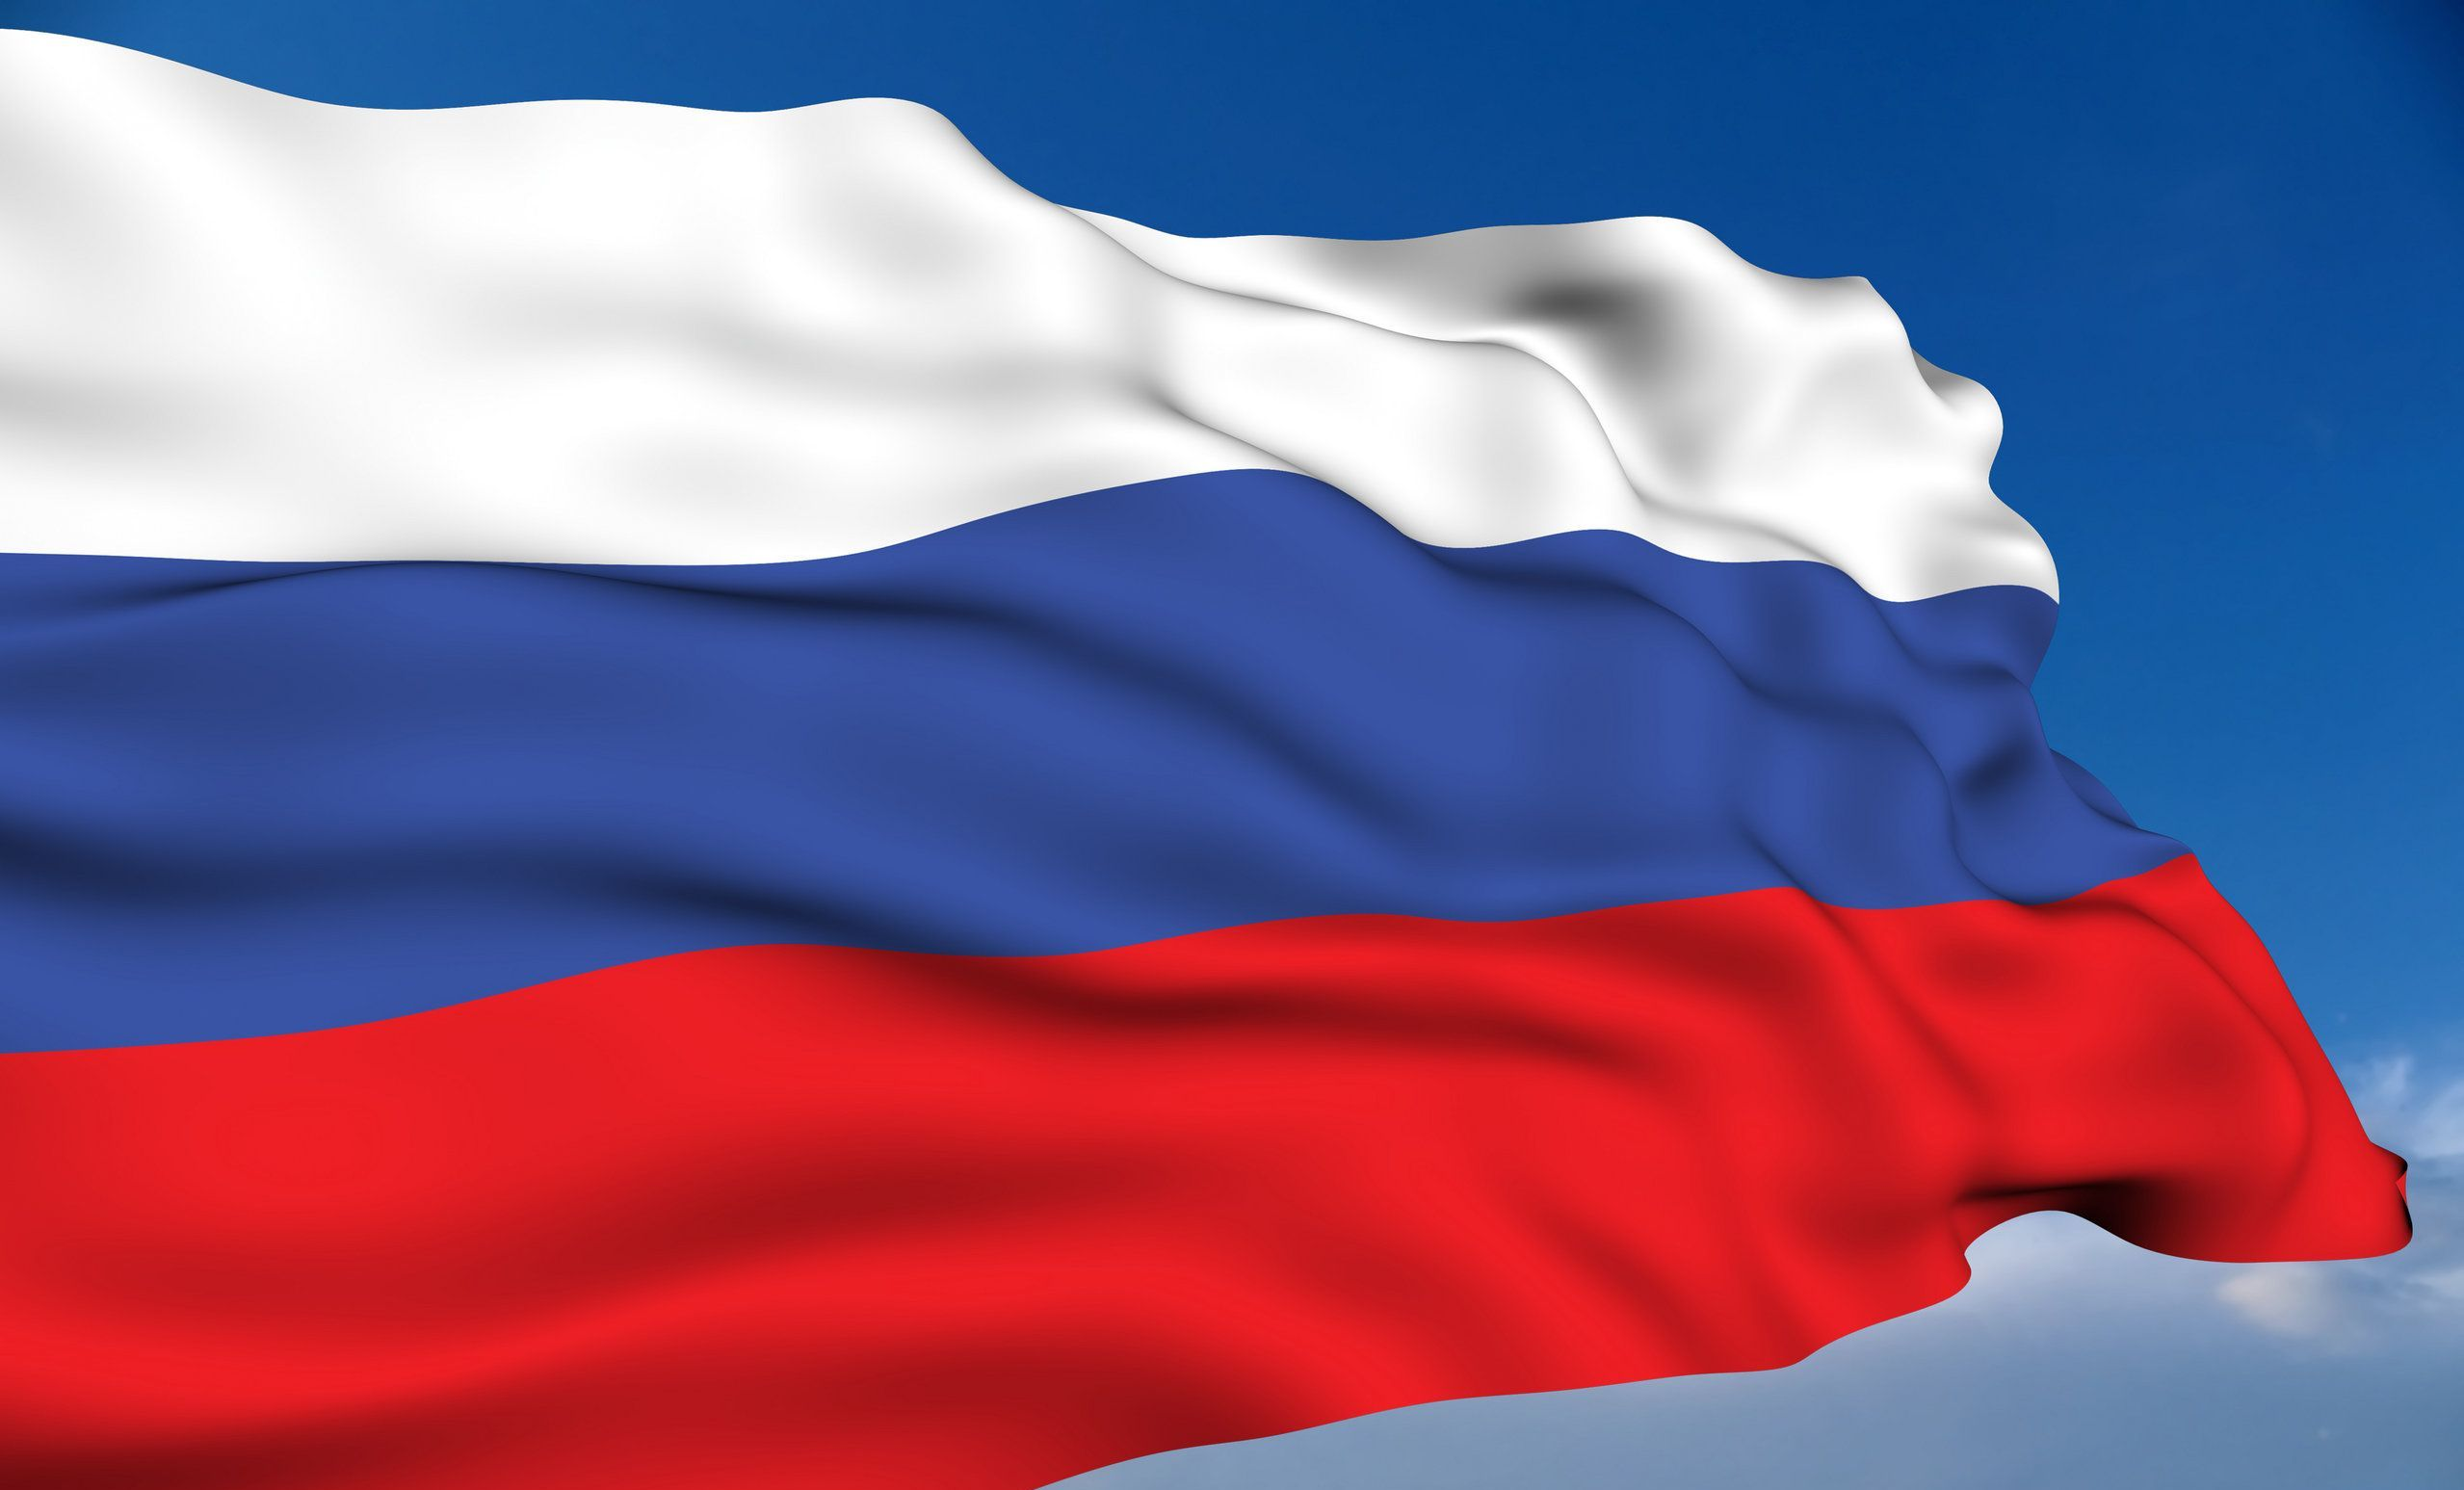 Картинки символы россии анимация, лете смешные поздравляем